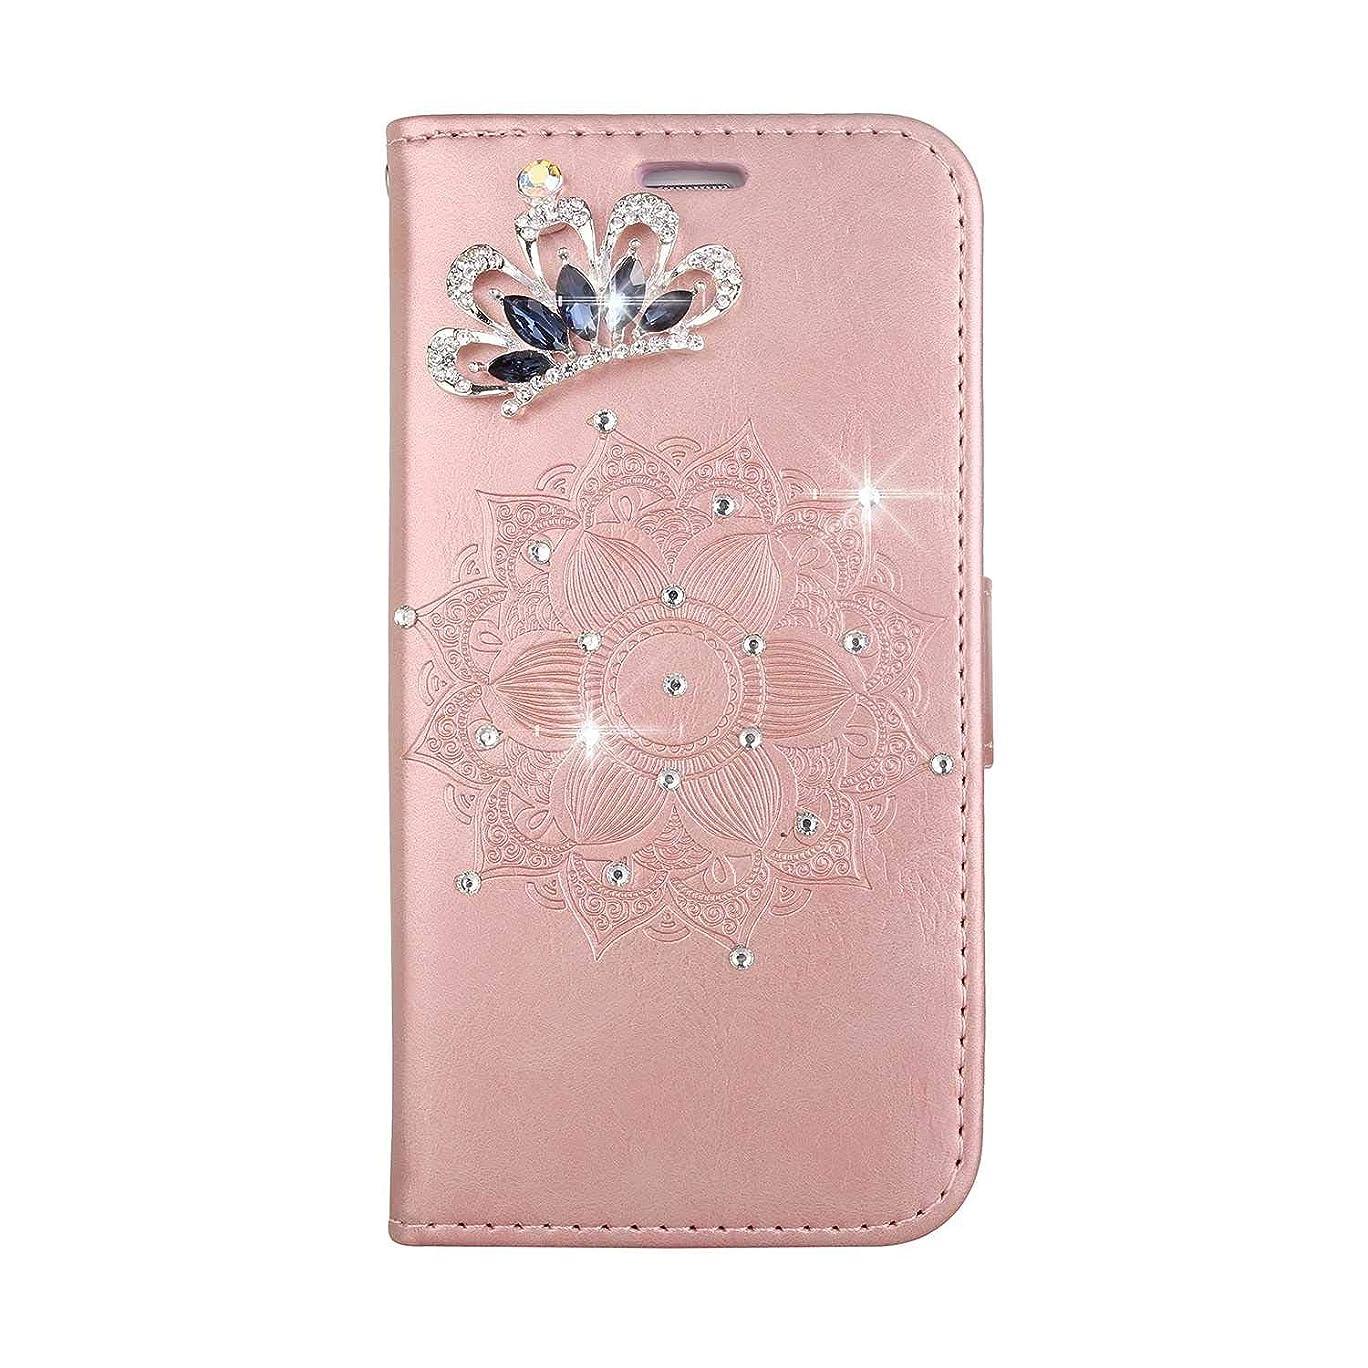 合金一津波OMATENTI Galaxy S6 Edge ケース, ファッション人気ダイヤモンドの輝きエンボスパターン PUレザー 落下防止 財布型カバー 付きカードホルダー Galaxy S6 Edge 用,ピンク